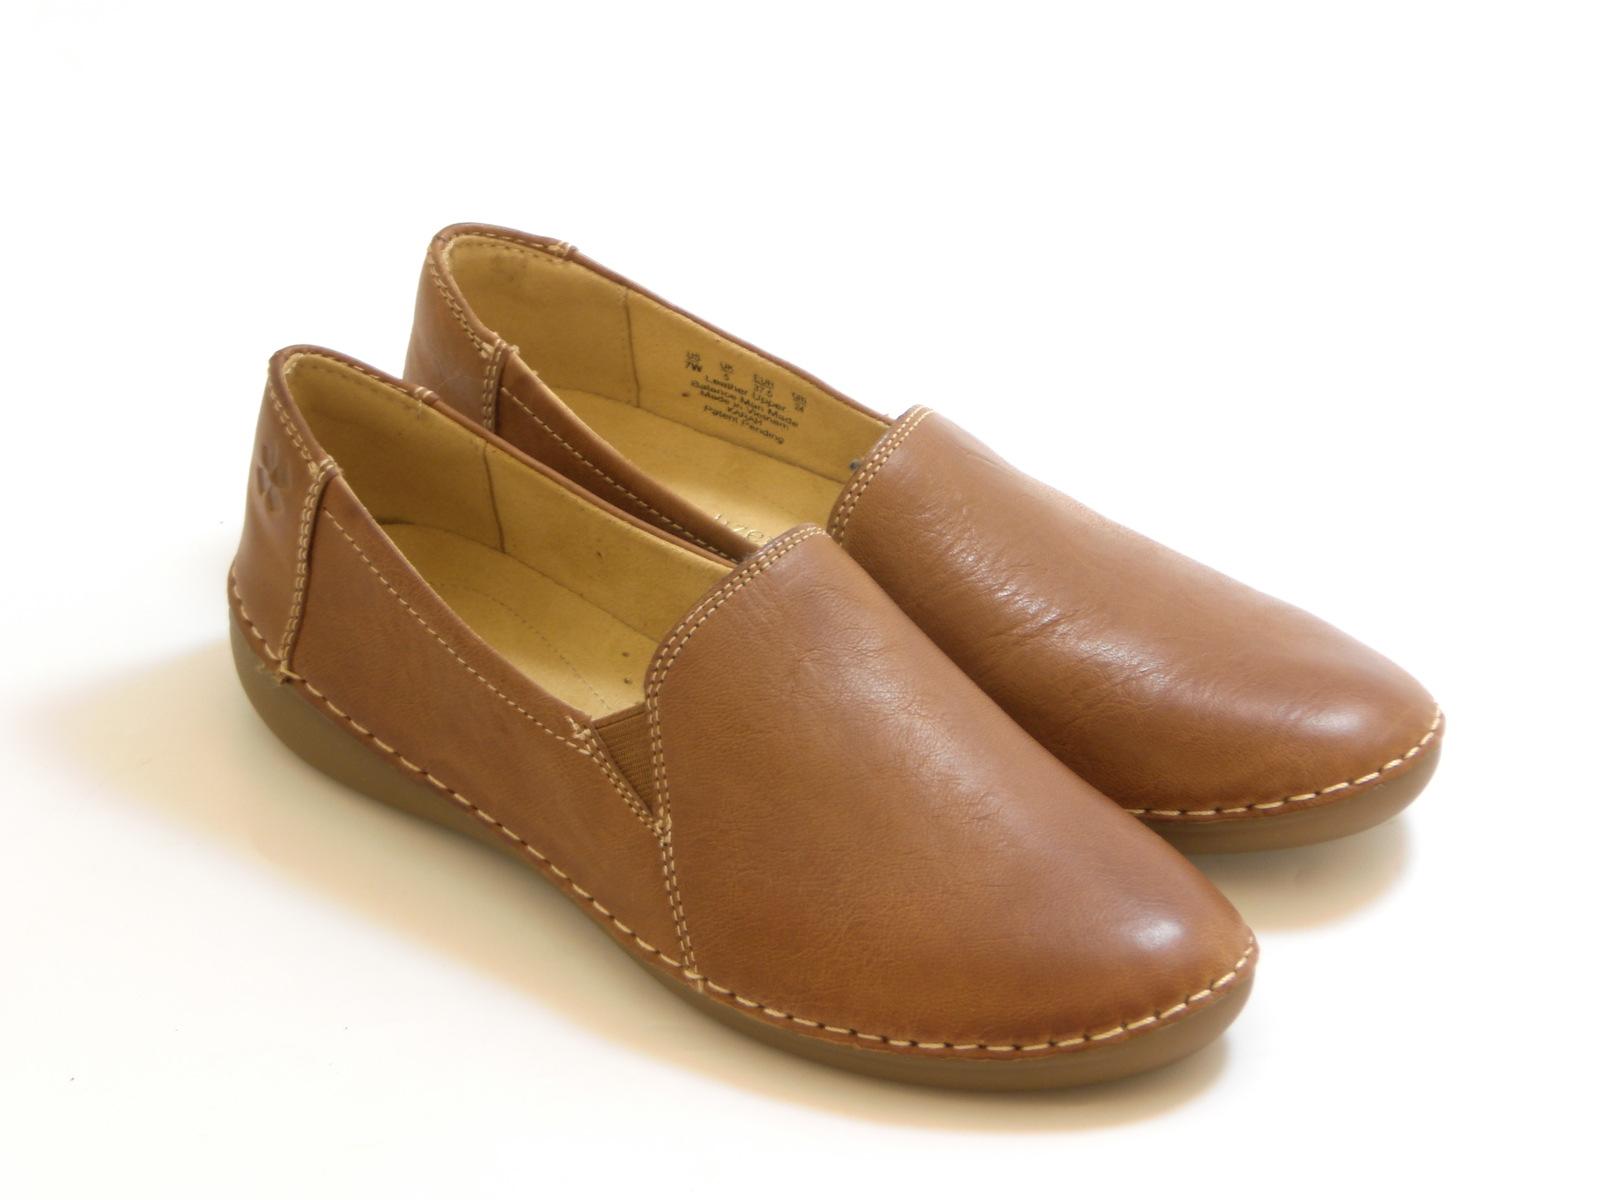 送料無料 沖縄 離島は1100円かかります nauralizer ナチュラライザーラウンドトゥ ブラウン レディース☆ サイドゴアカジュアルシューズ シューズ お気にいる 至上 ☆靴